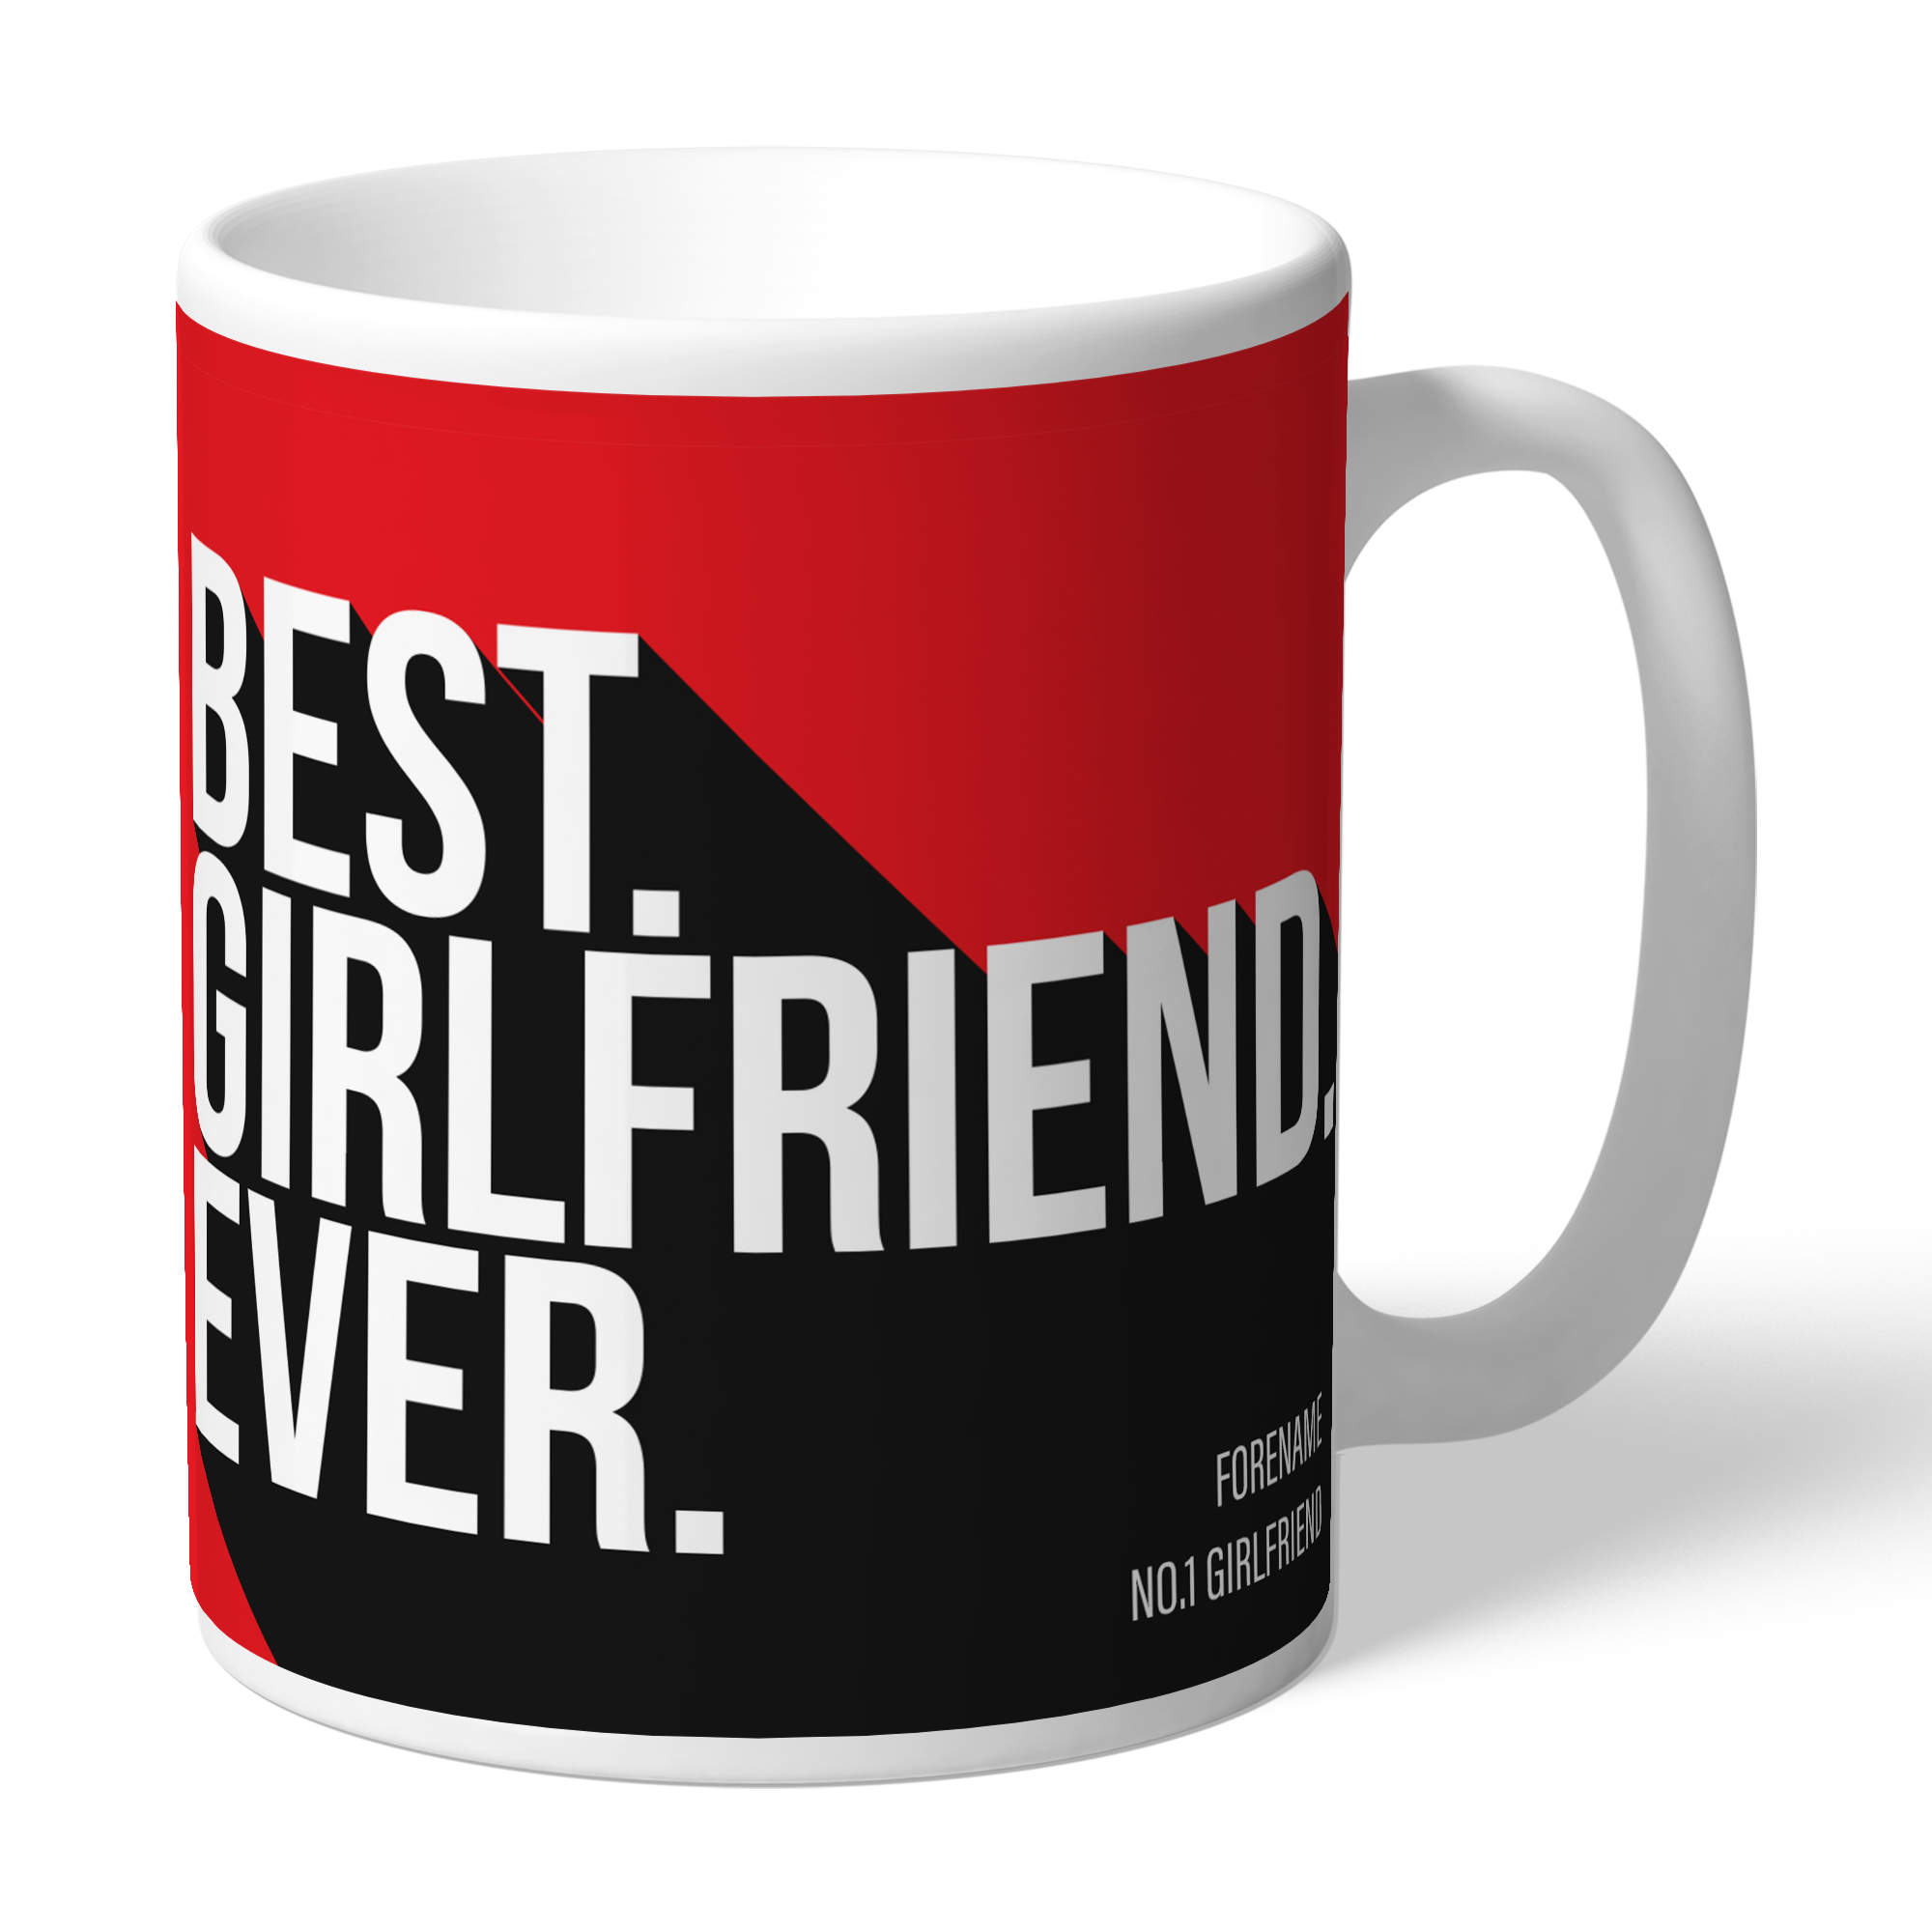 Liverpool FC Best Girlfriend Ever Mug